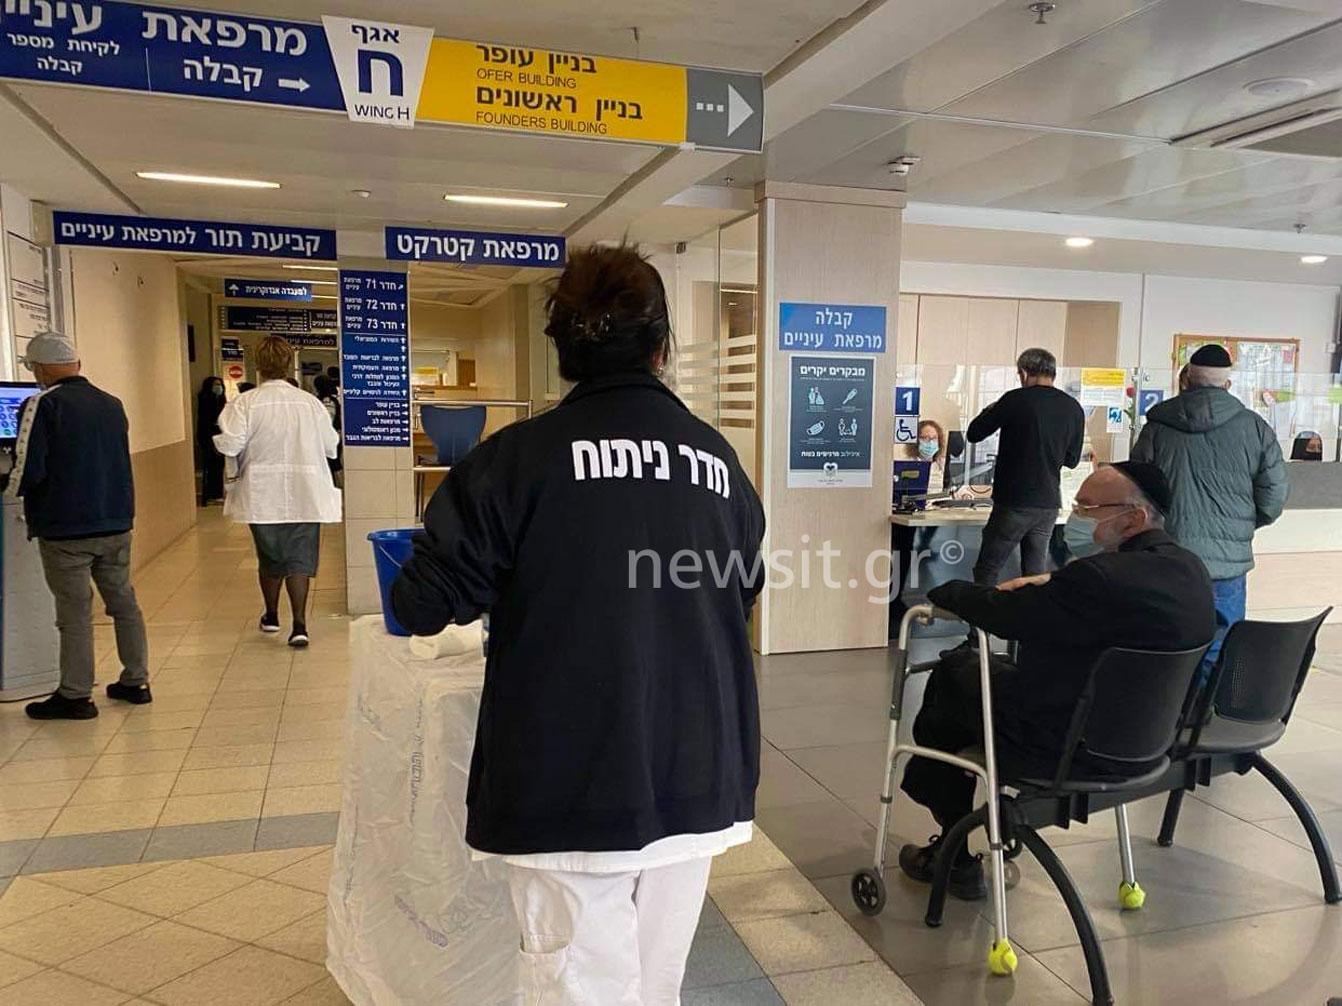 Ένας Έλληνας εξηγεί το εμβολιαστικό θαύμα του Ισραήλ